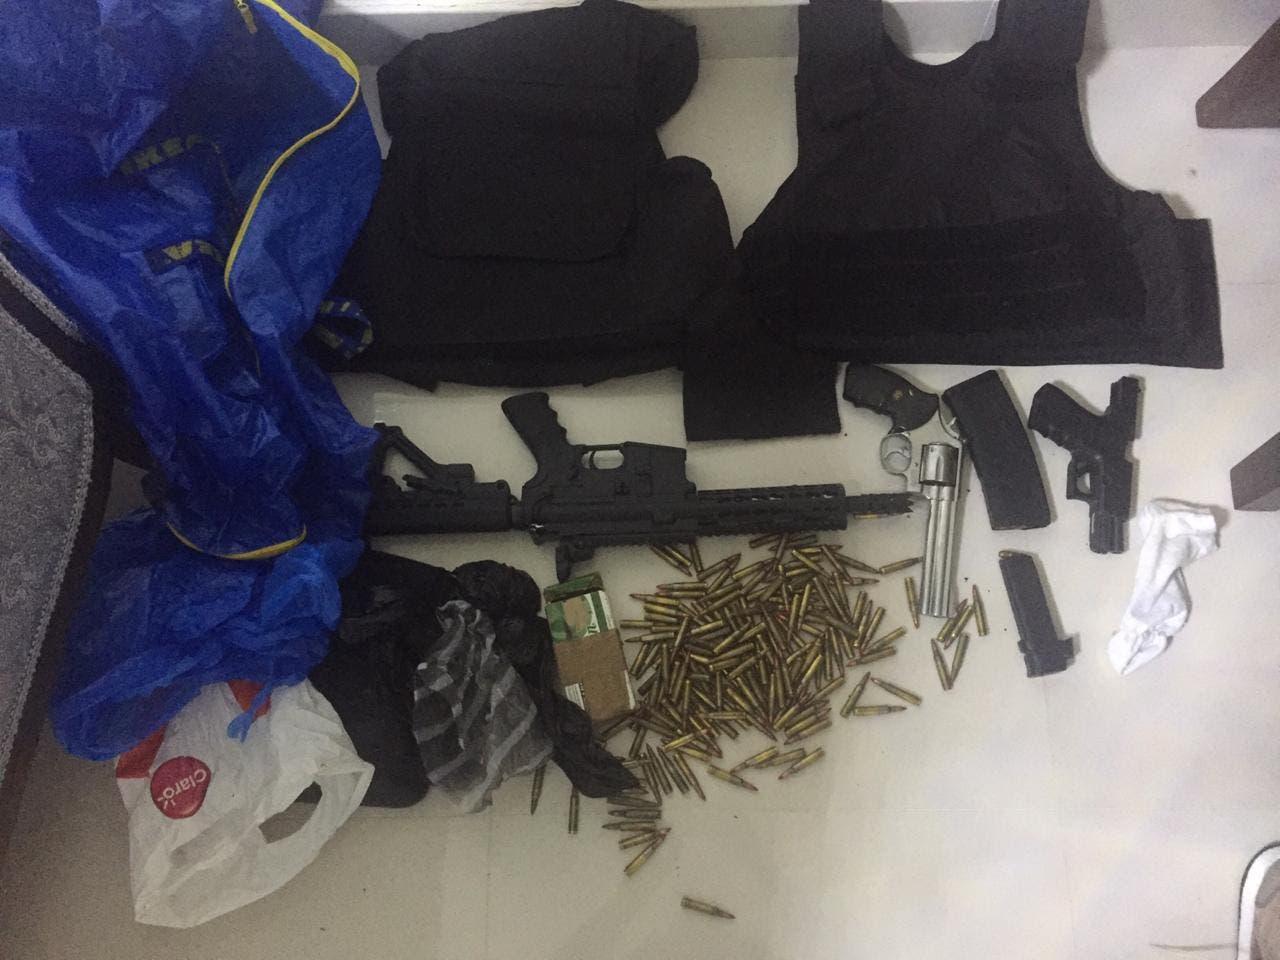 Armas ocupadas en el apartamento de Baltazar Mesa, según las autoridades.